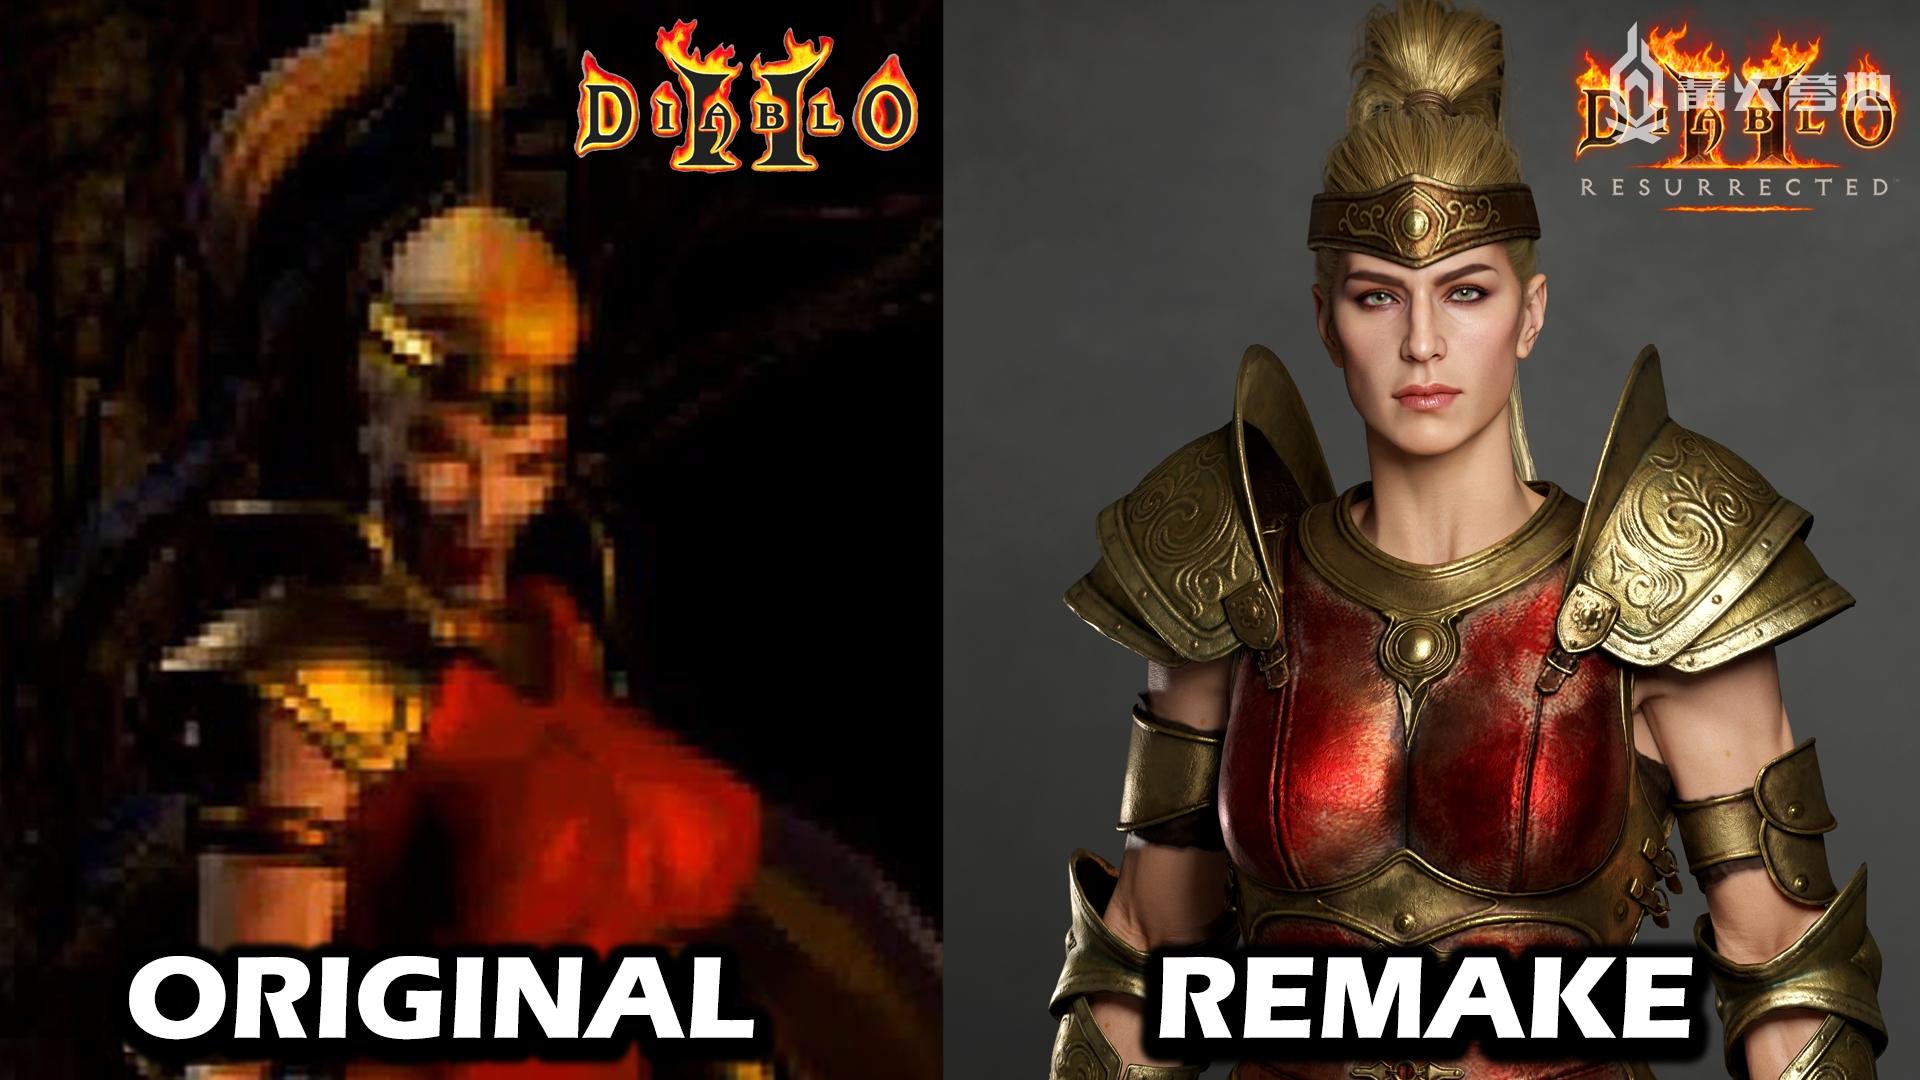 开发者分享《暗黑破坏神 2 狱火重生》角色建模细节